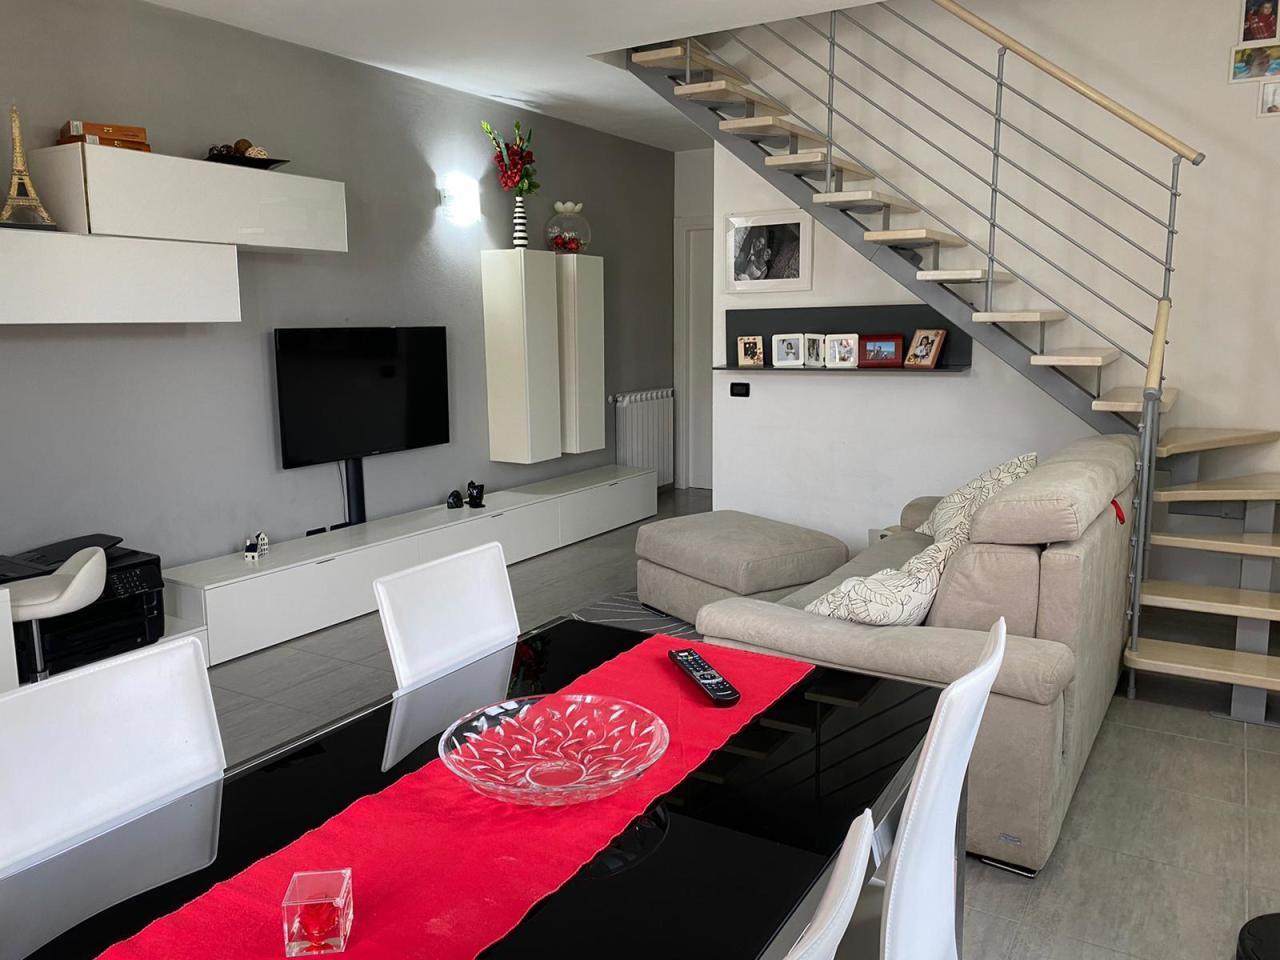 Casa semindipendente in vendita, rif. 2898